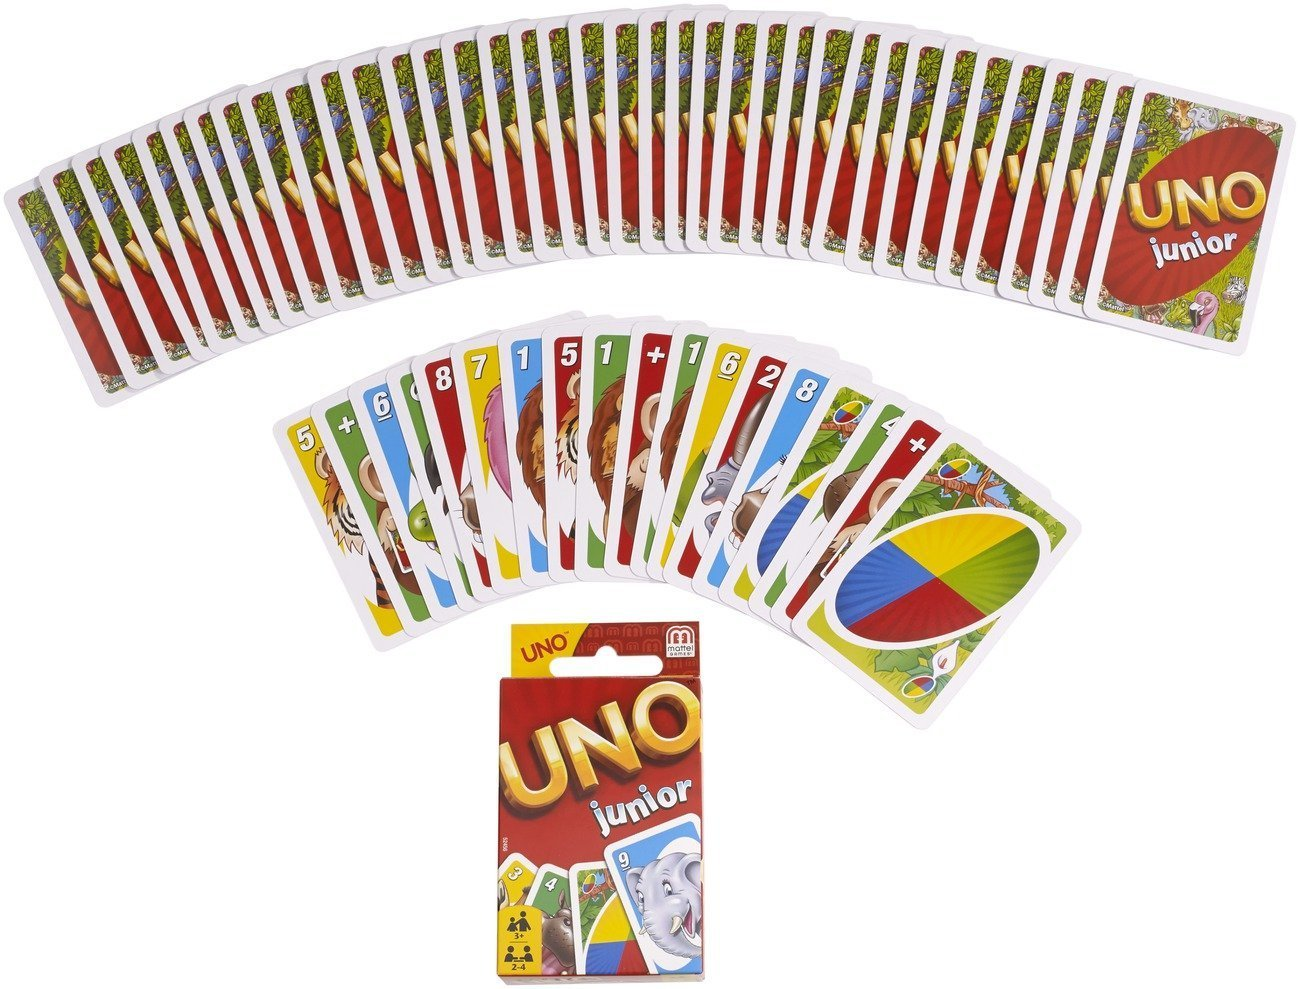 Uno Kartenspiel Regeln